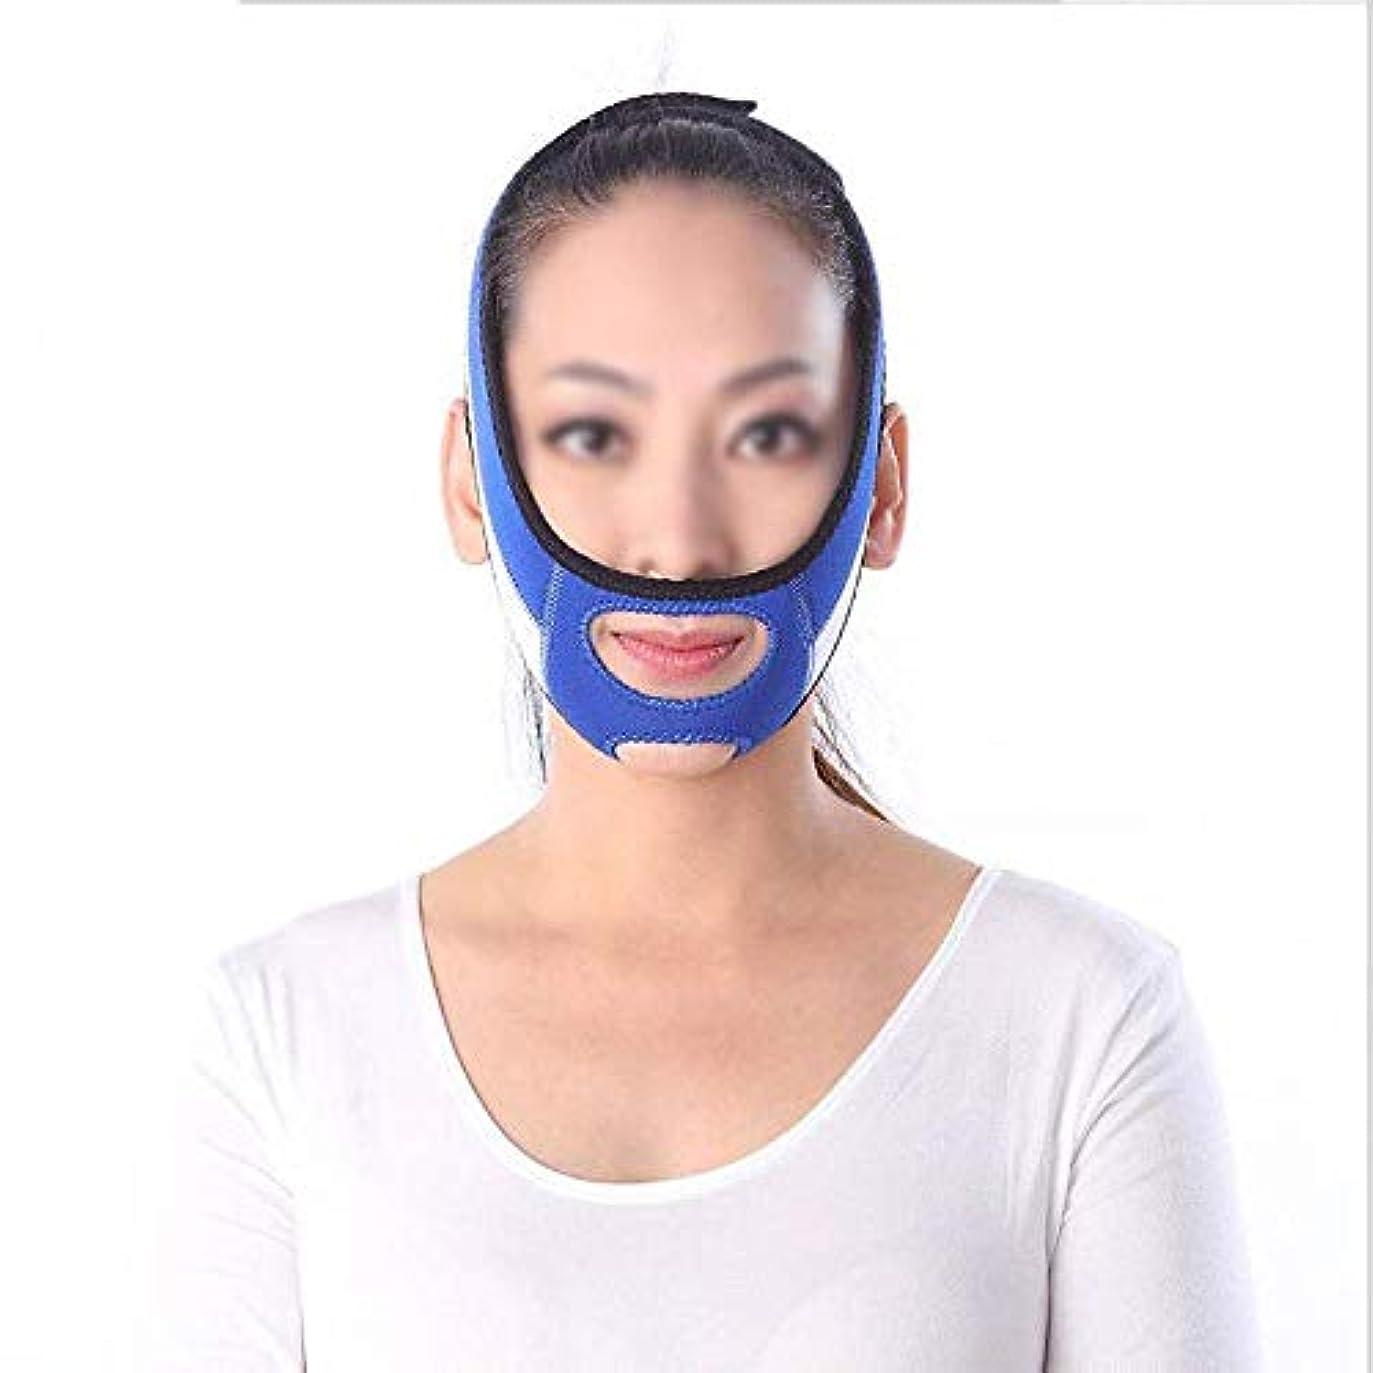 ボット保安空虚フェイスリフティングマスク、リフティングロウパターンバンデージラインカービングリペアツールフェイスリフティングアーティファクトファーミングスキンスモールVフェイスバンド